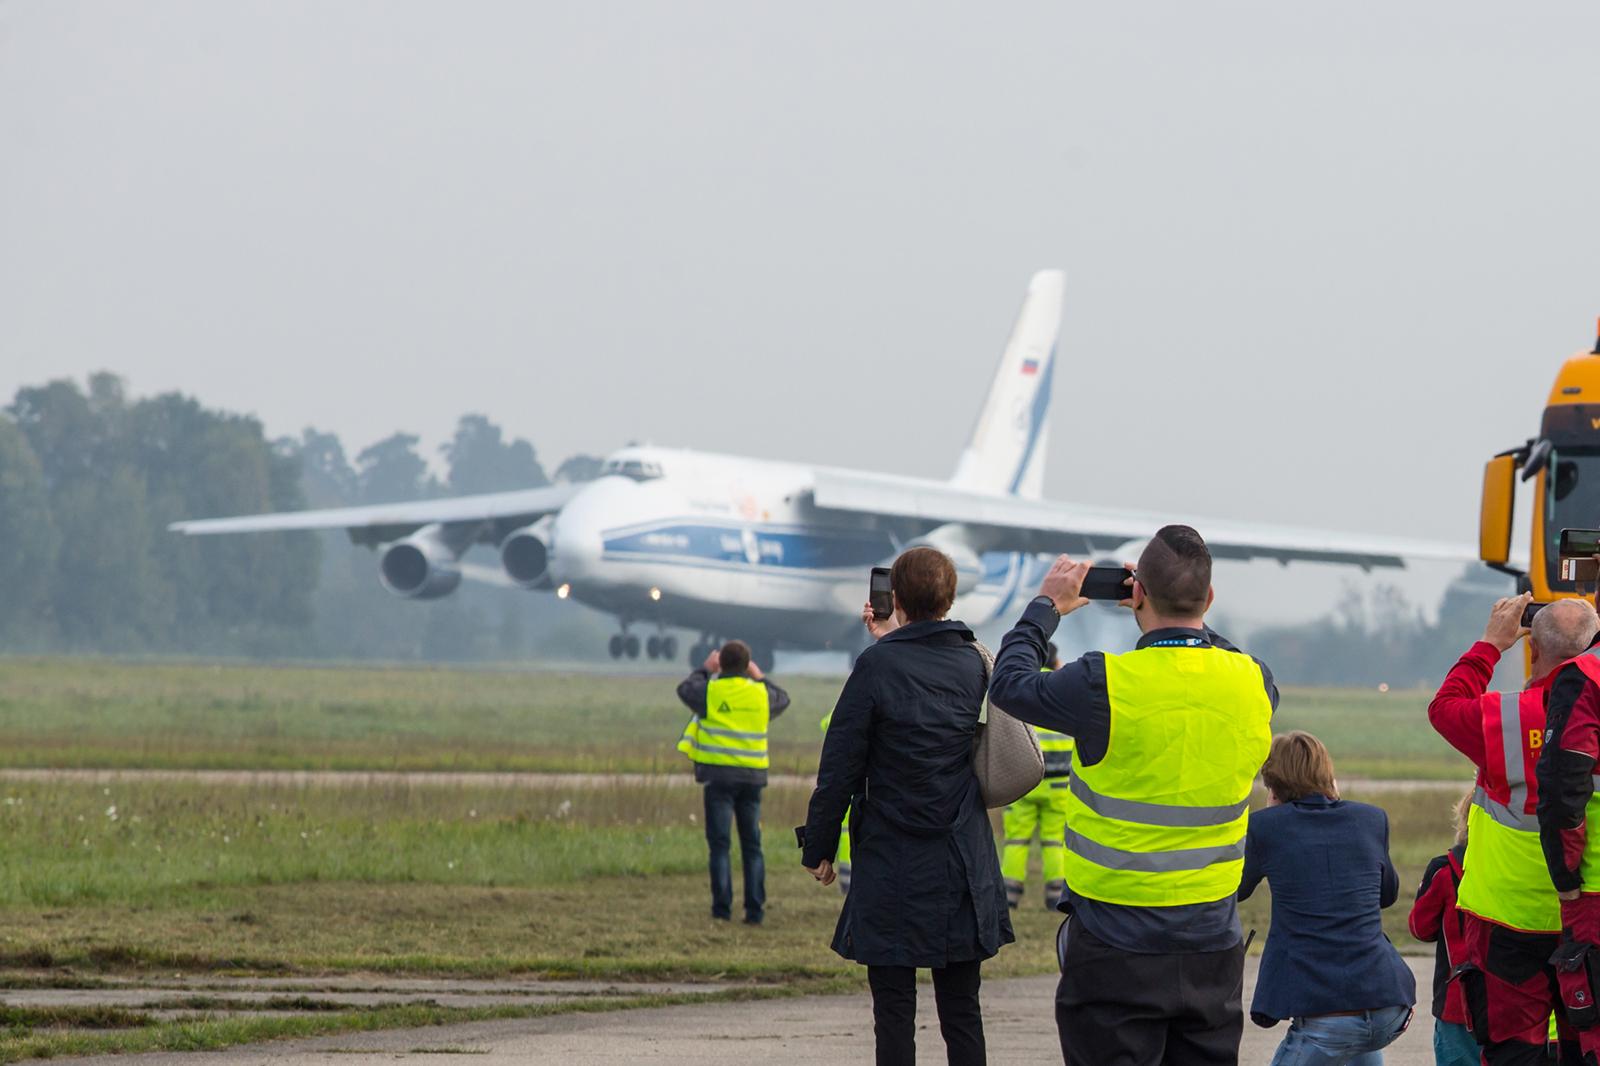 An Bord dieser An-124 berührt die Landshut wieder deutschen Boden.